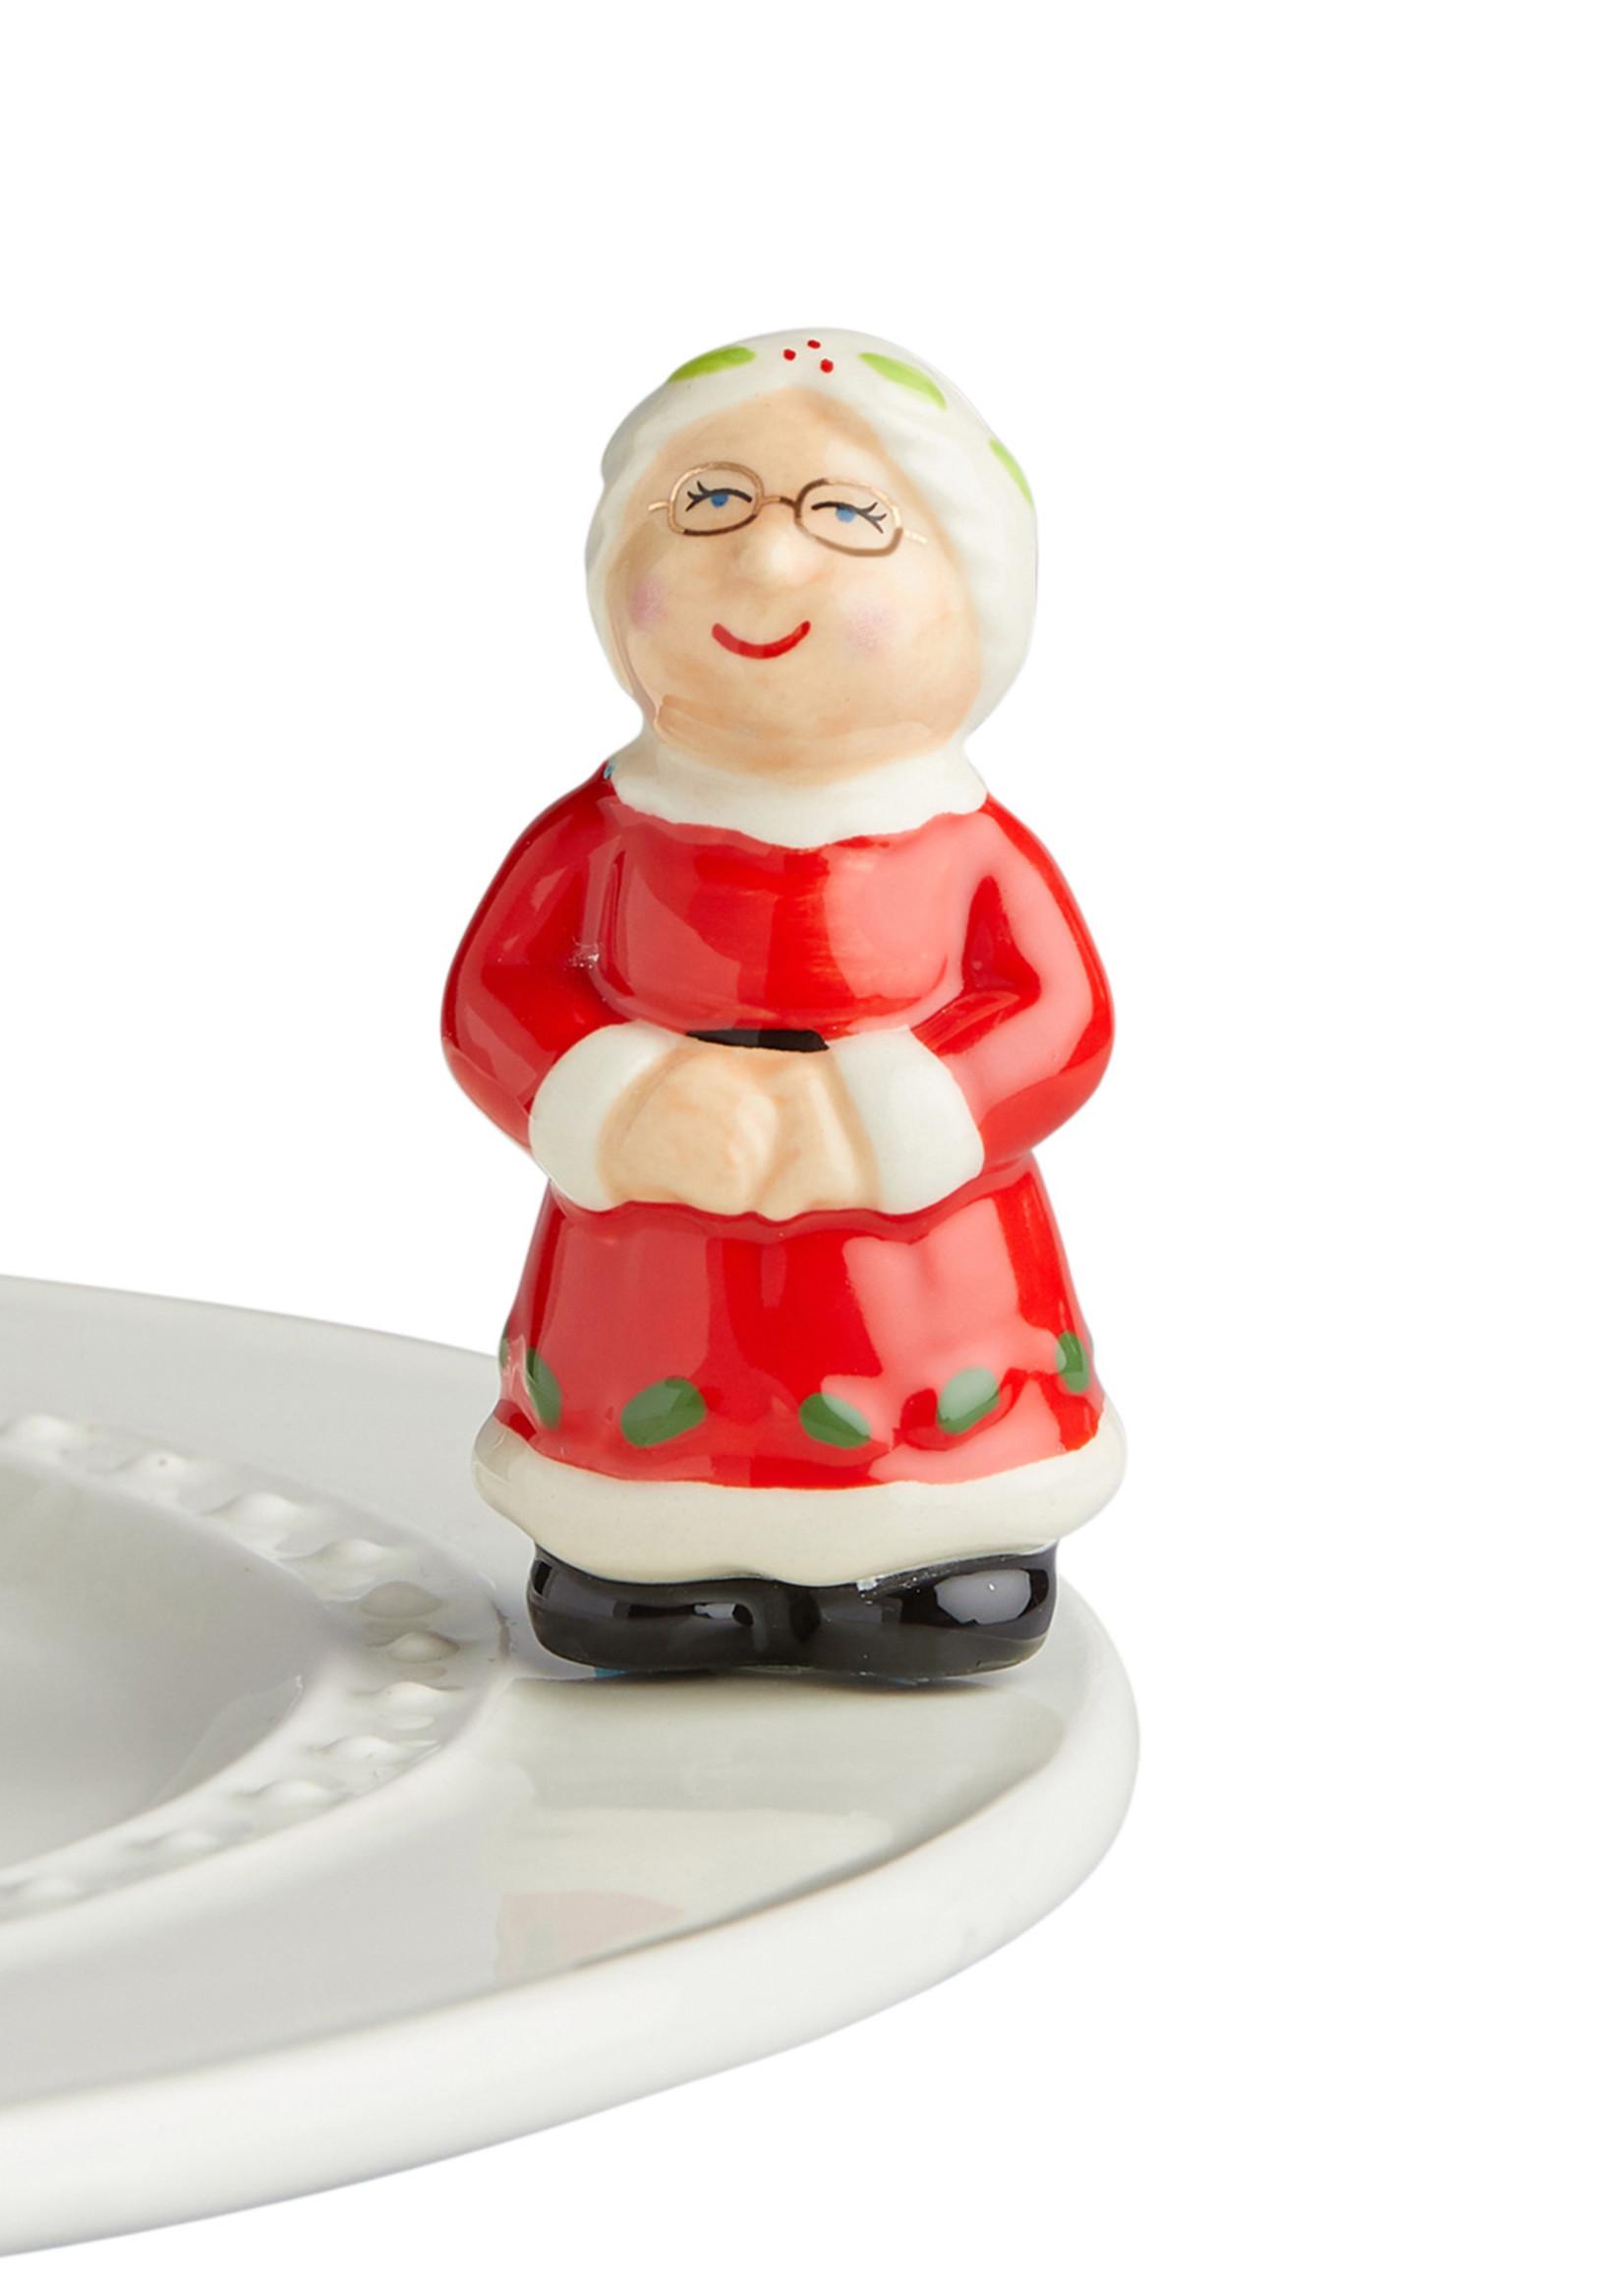 Nora Fleming Serveware Mrs. Claus